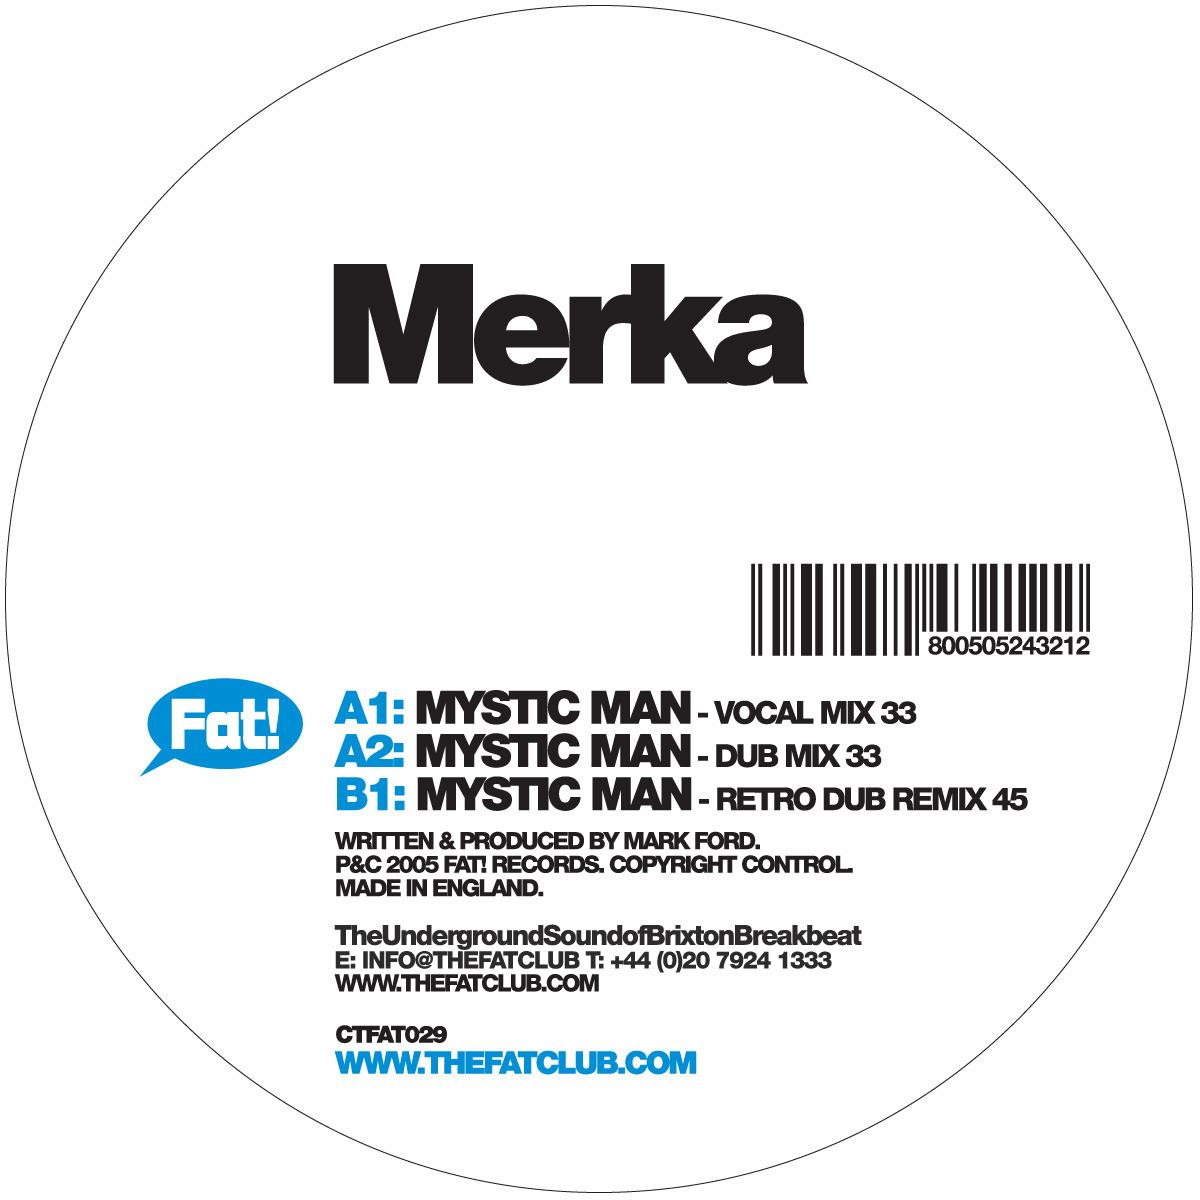 MERKA feat MC ESHA - Mystic Man